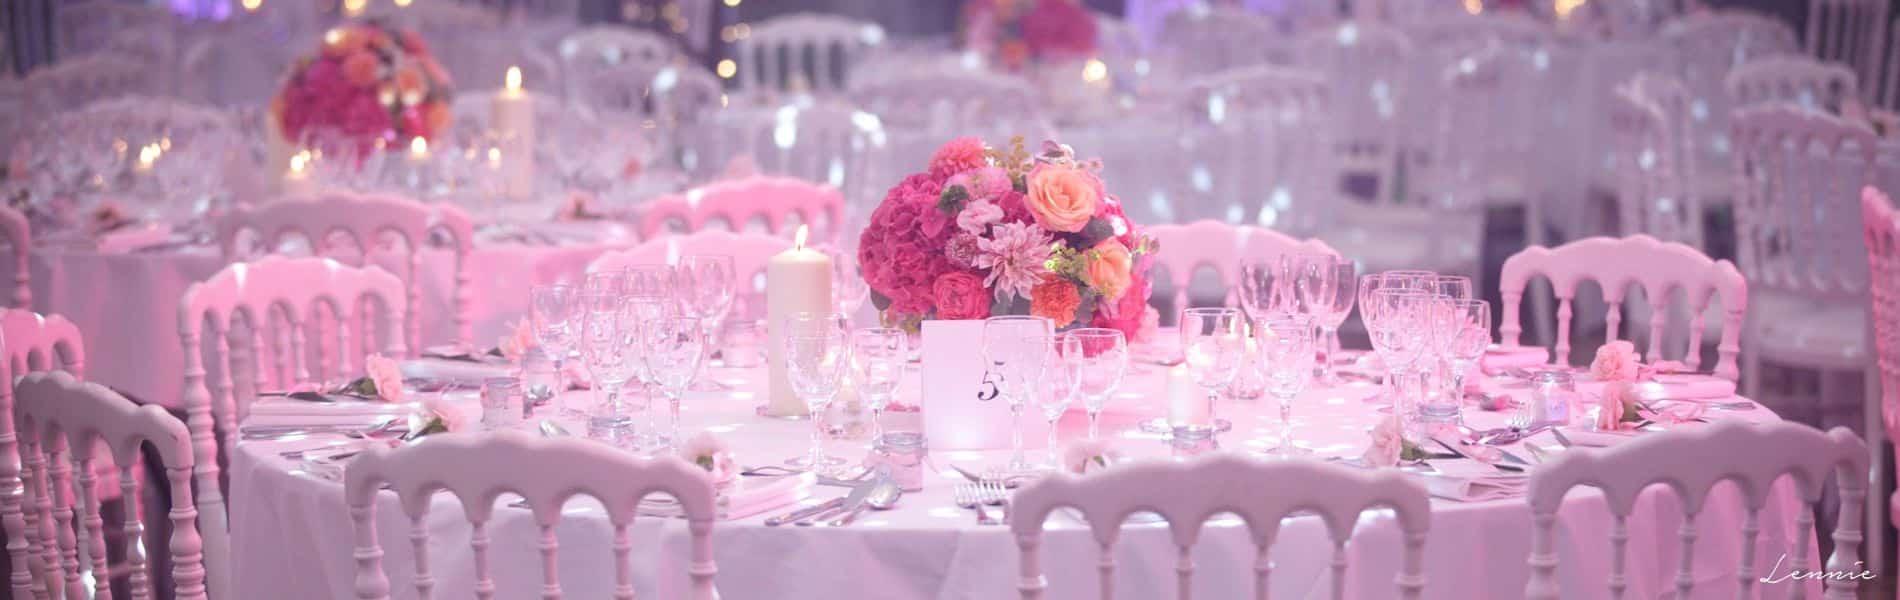 header6_mariage verriere – 1